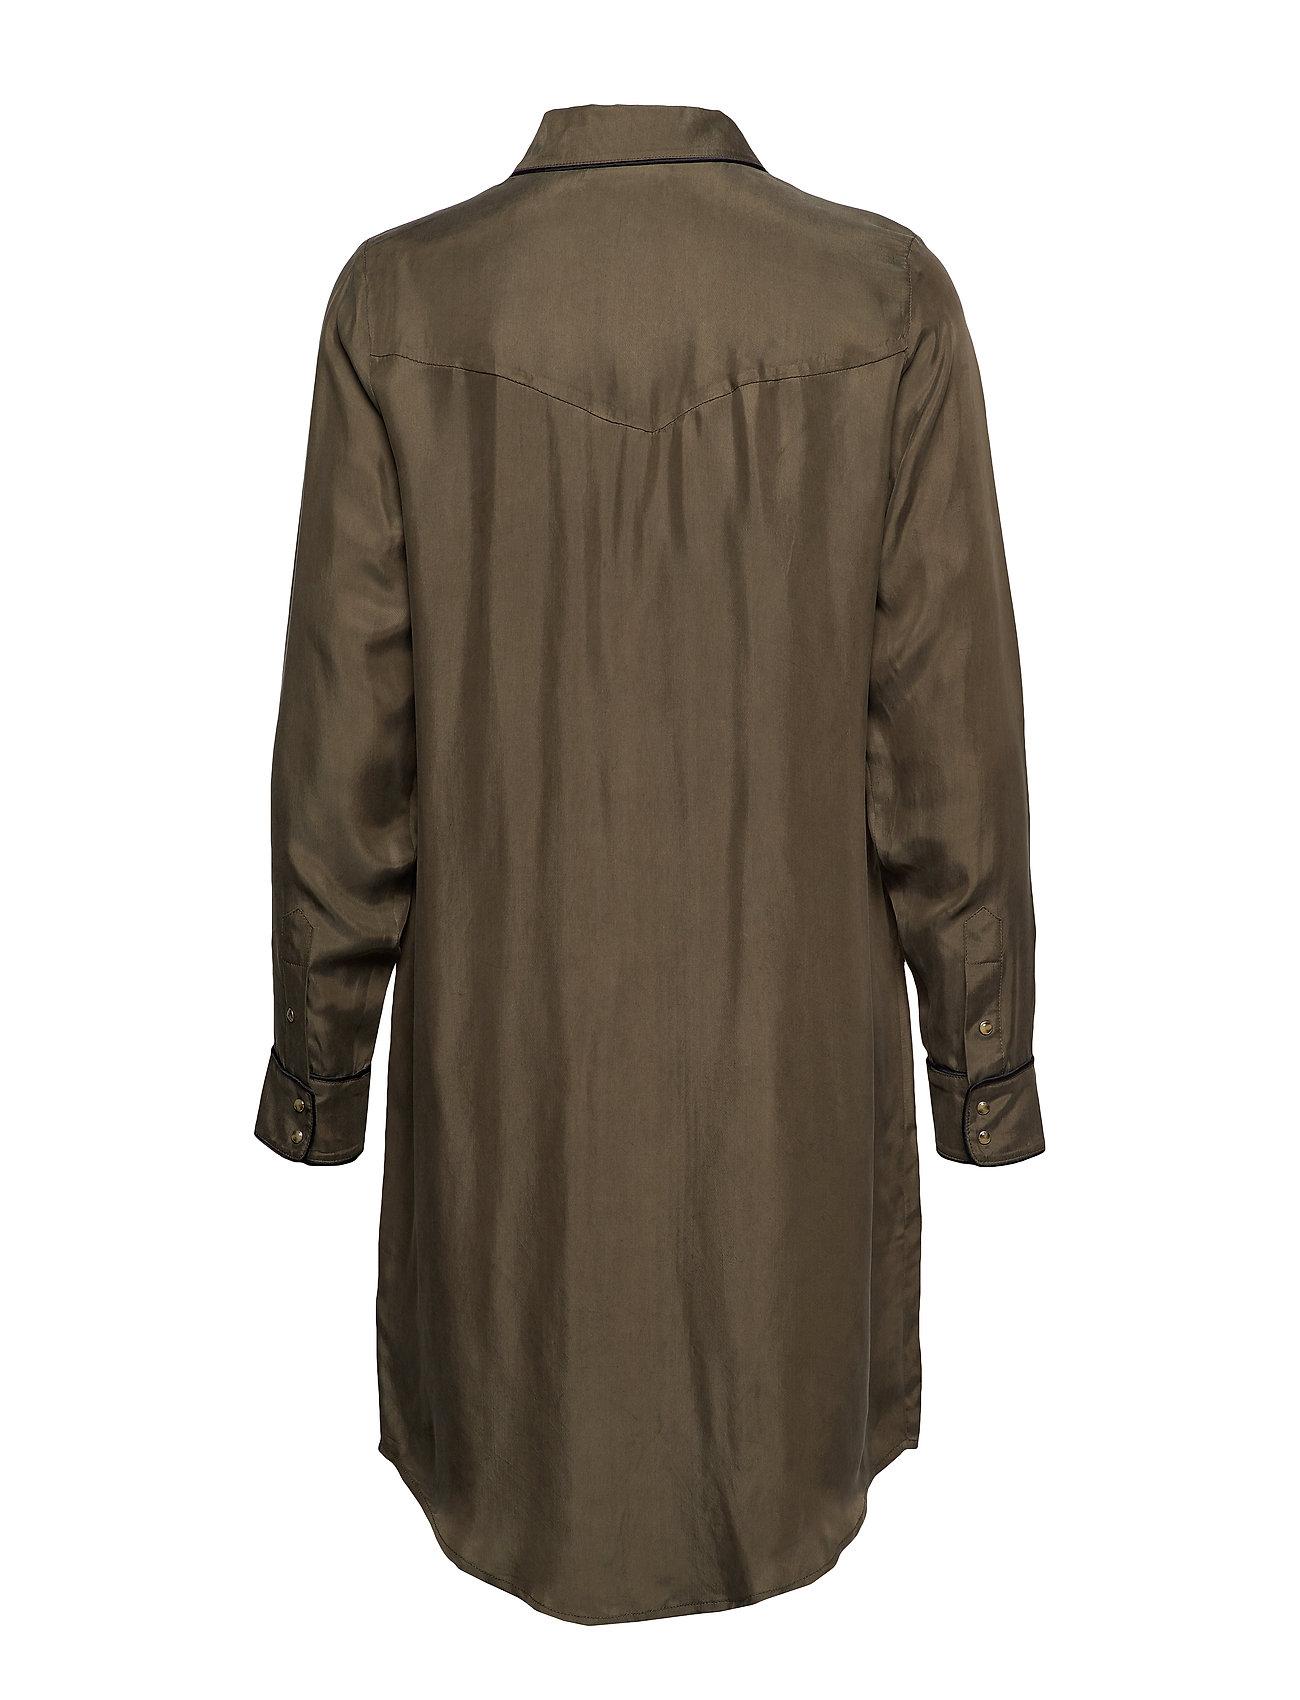 SCOTCH & SODA Kleider | Shirt Dress In Cupro Viscose Blend Kleid Knielang Grün SCOTCH & SODA